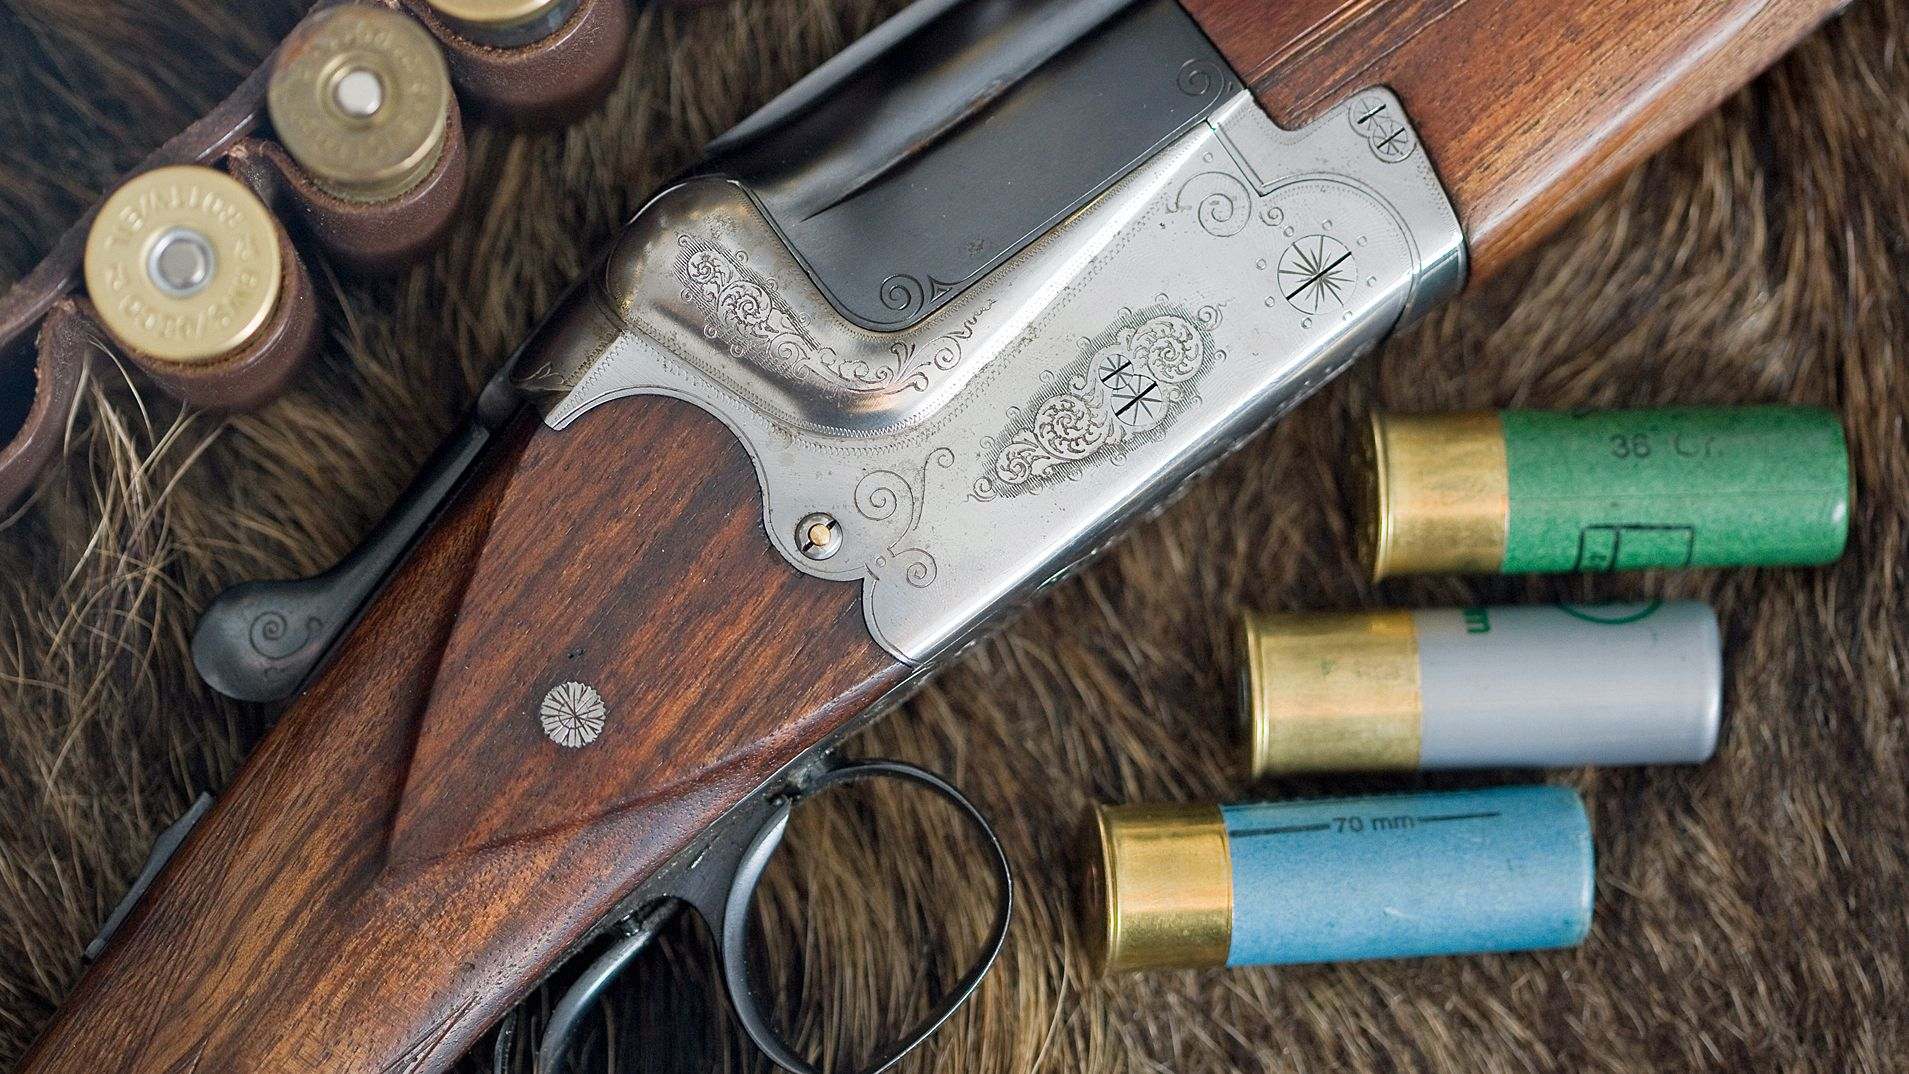 Bleihaltige Jagdmunition